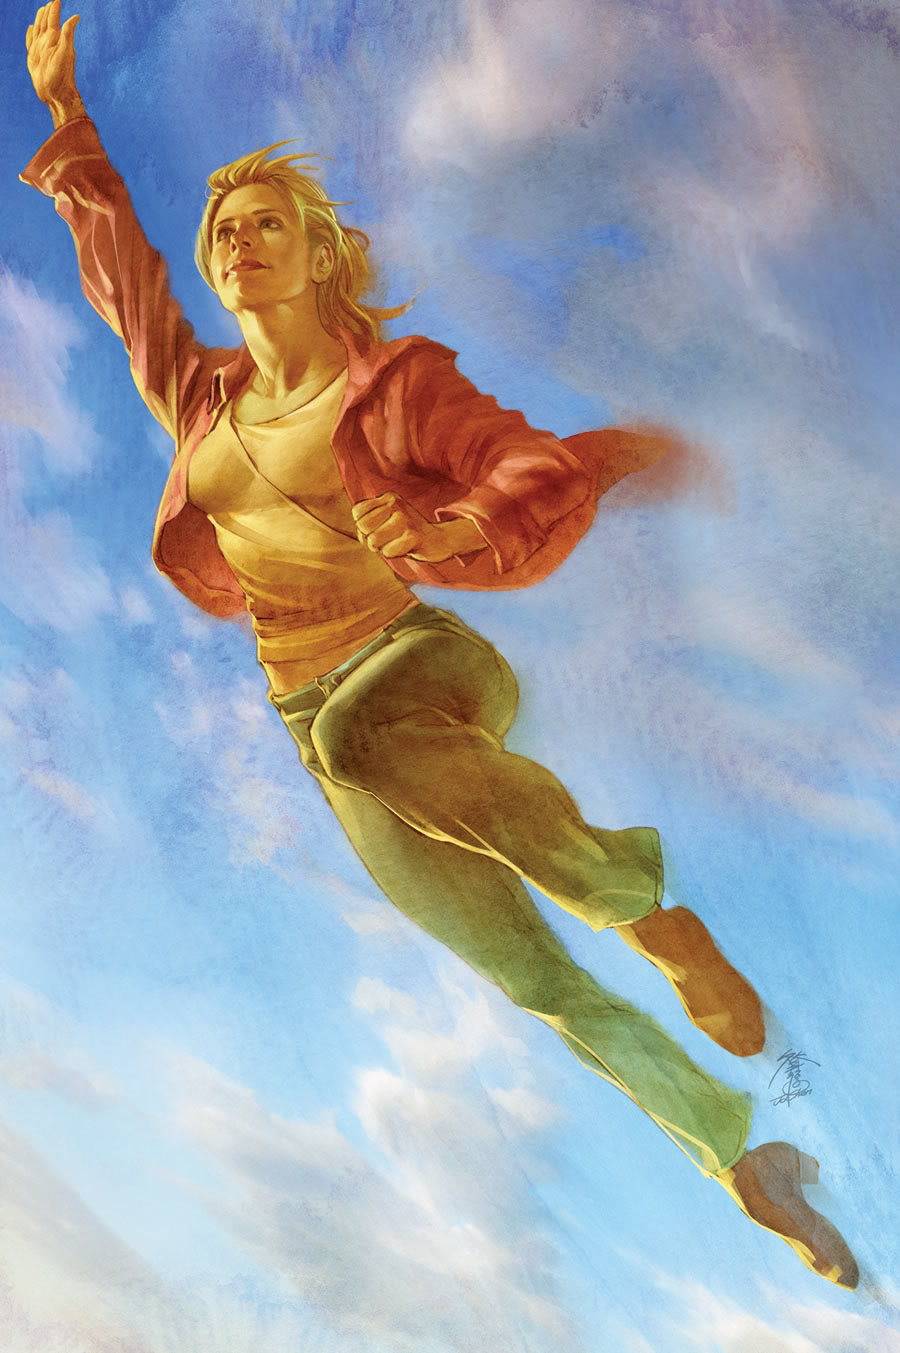 File:Buffy flight.jpg